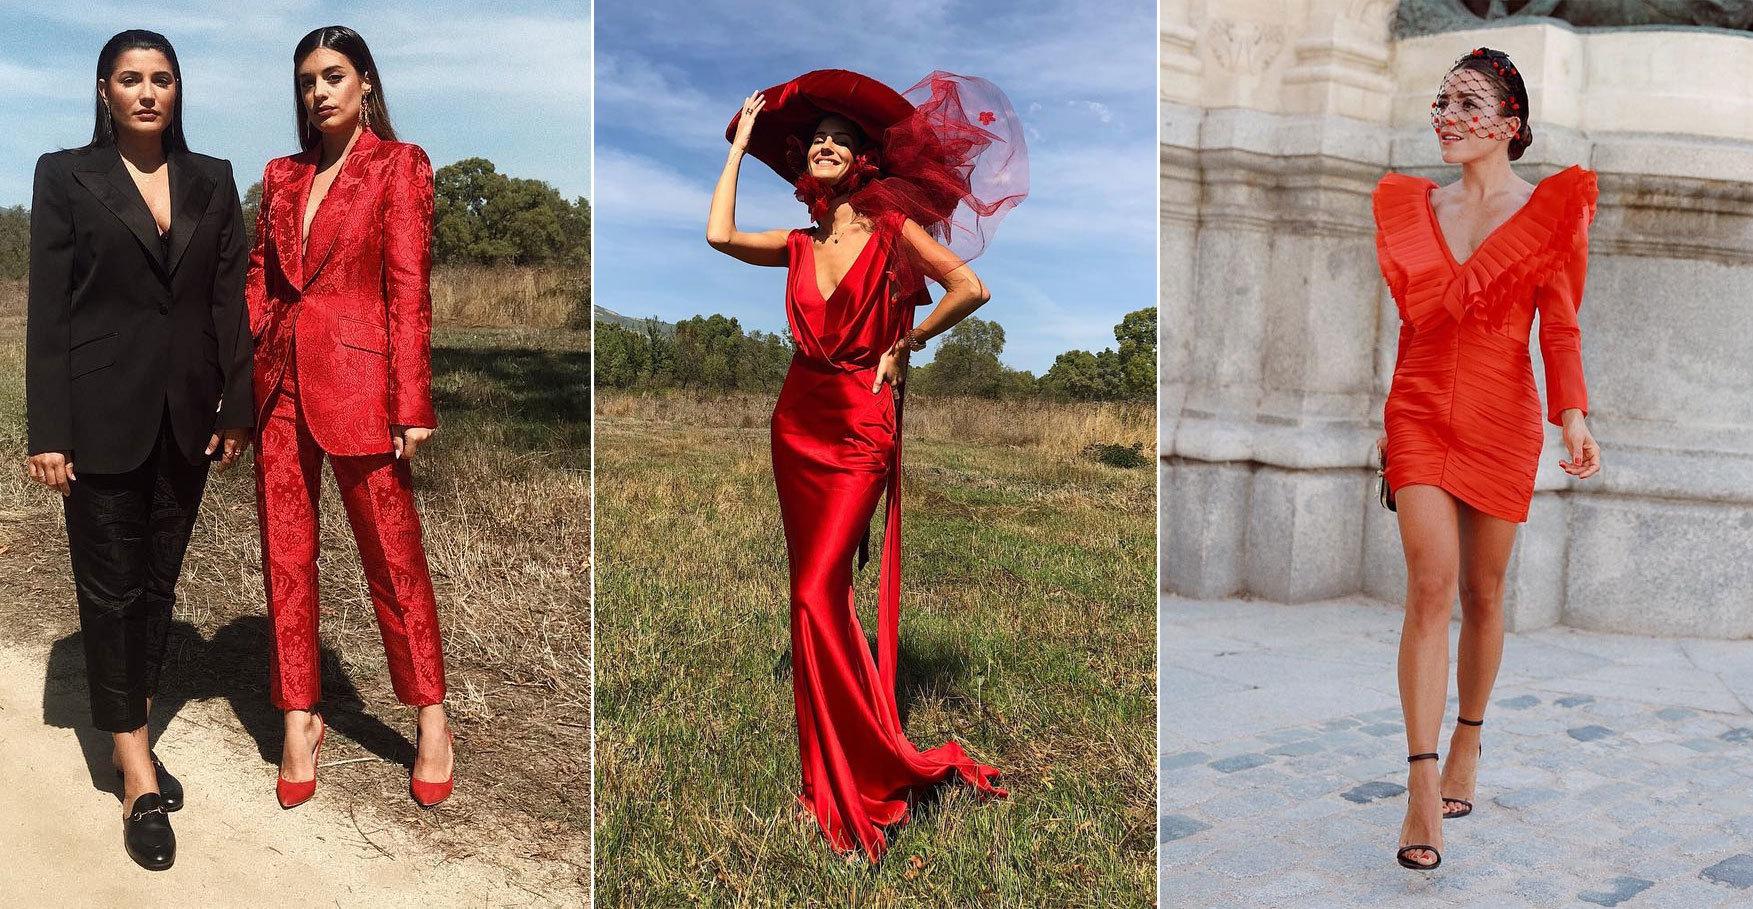 Tres looks diferentes, pero con algo en común: el color rojo.